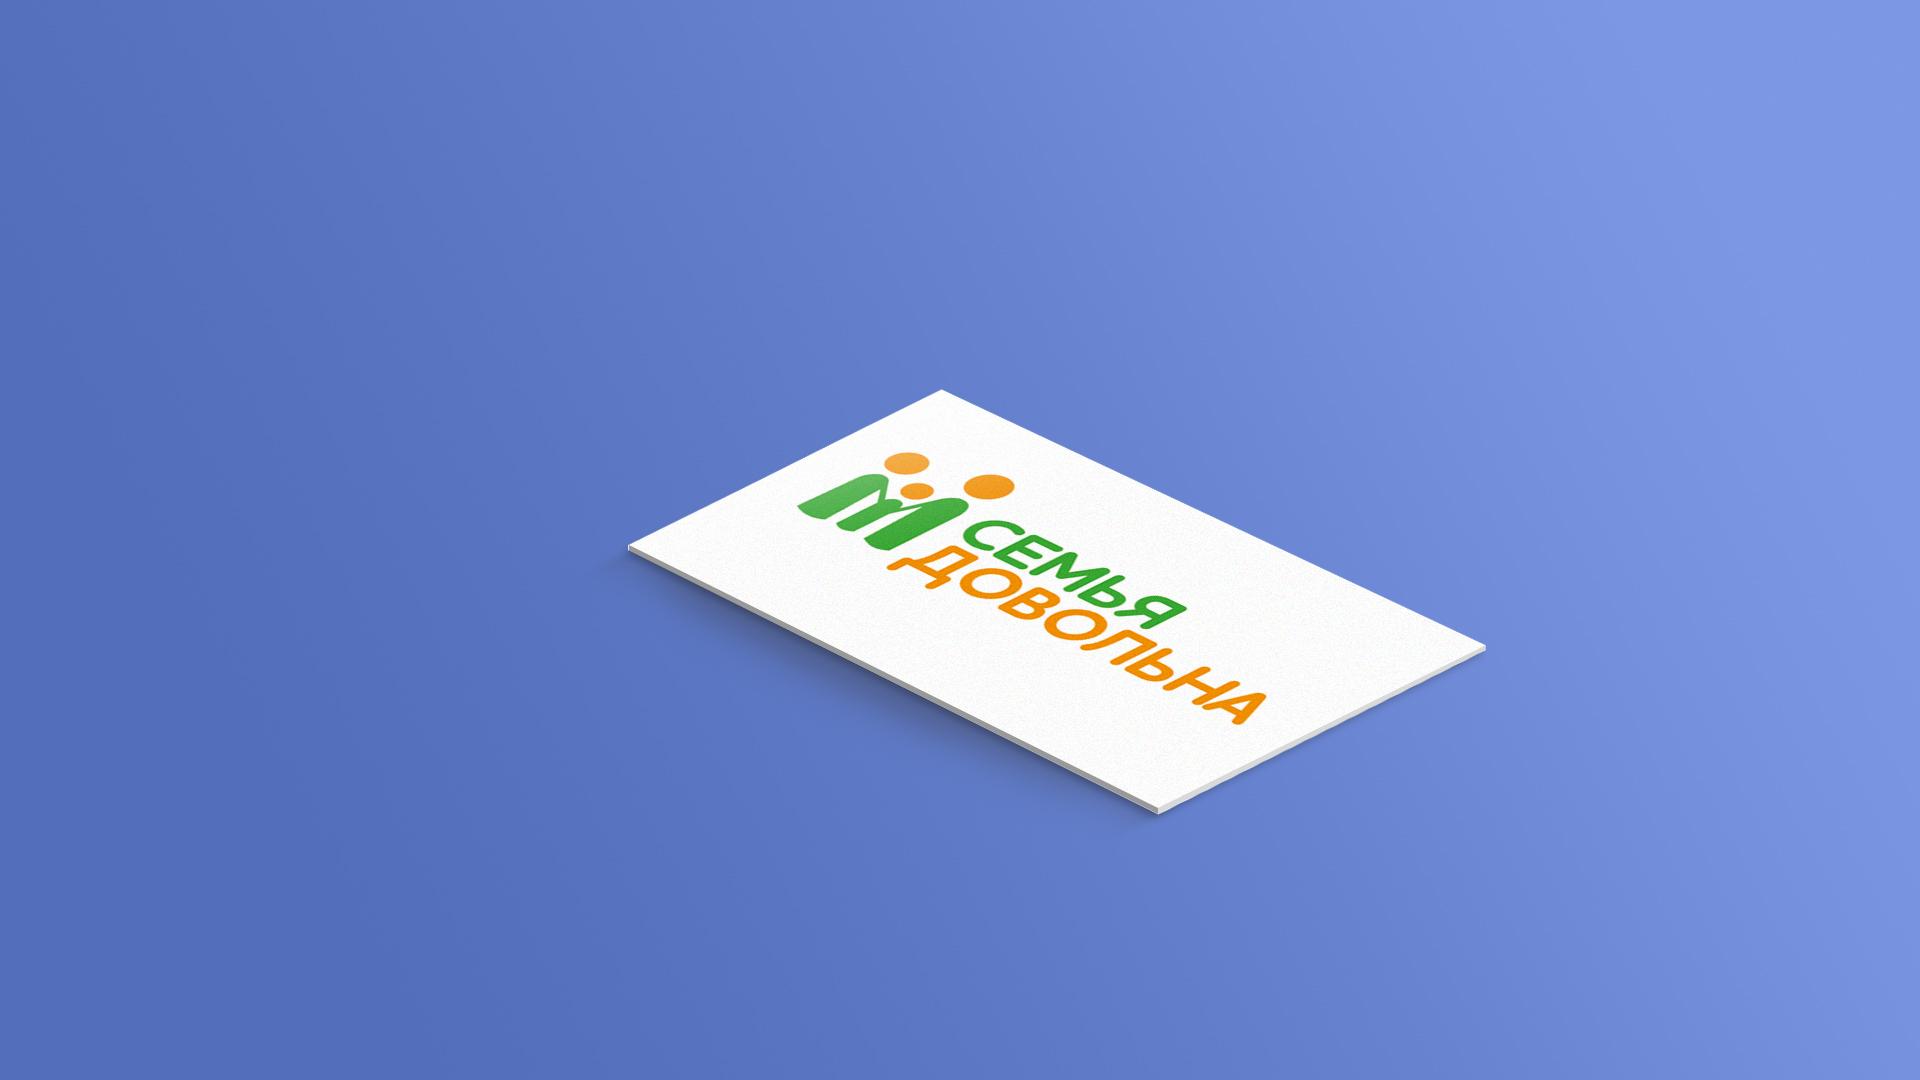 """Разработайте логотип для торговой марки """"Семья довольна"""" фото f_9625ba6292c0972f.jpg"""